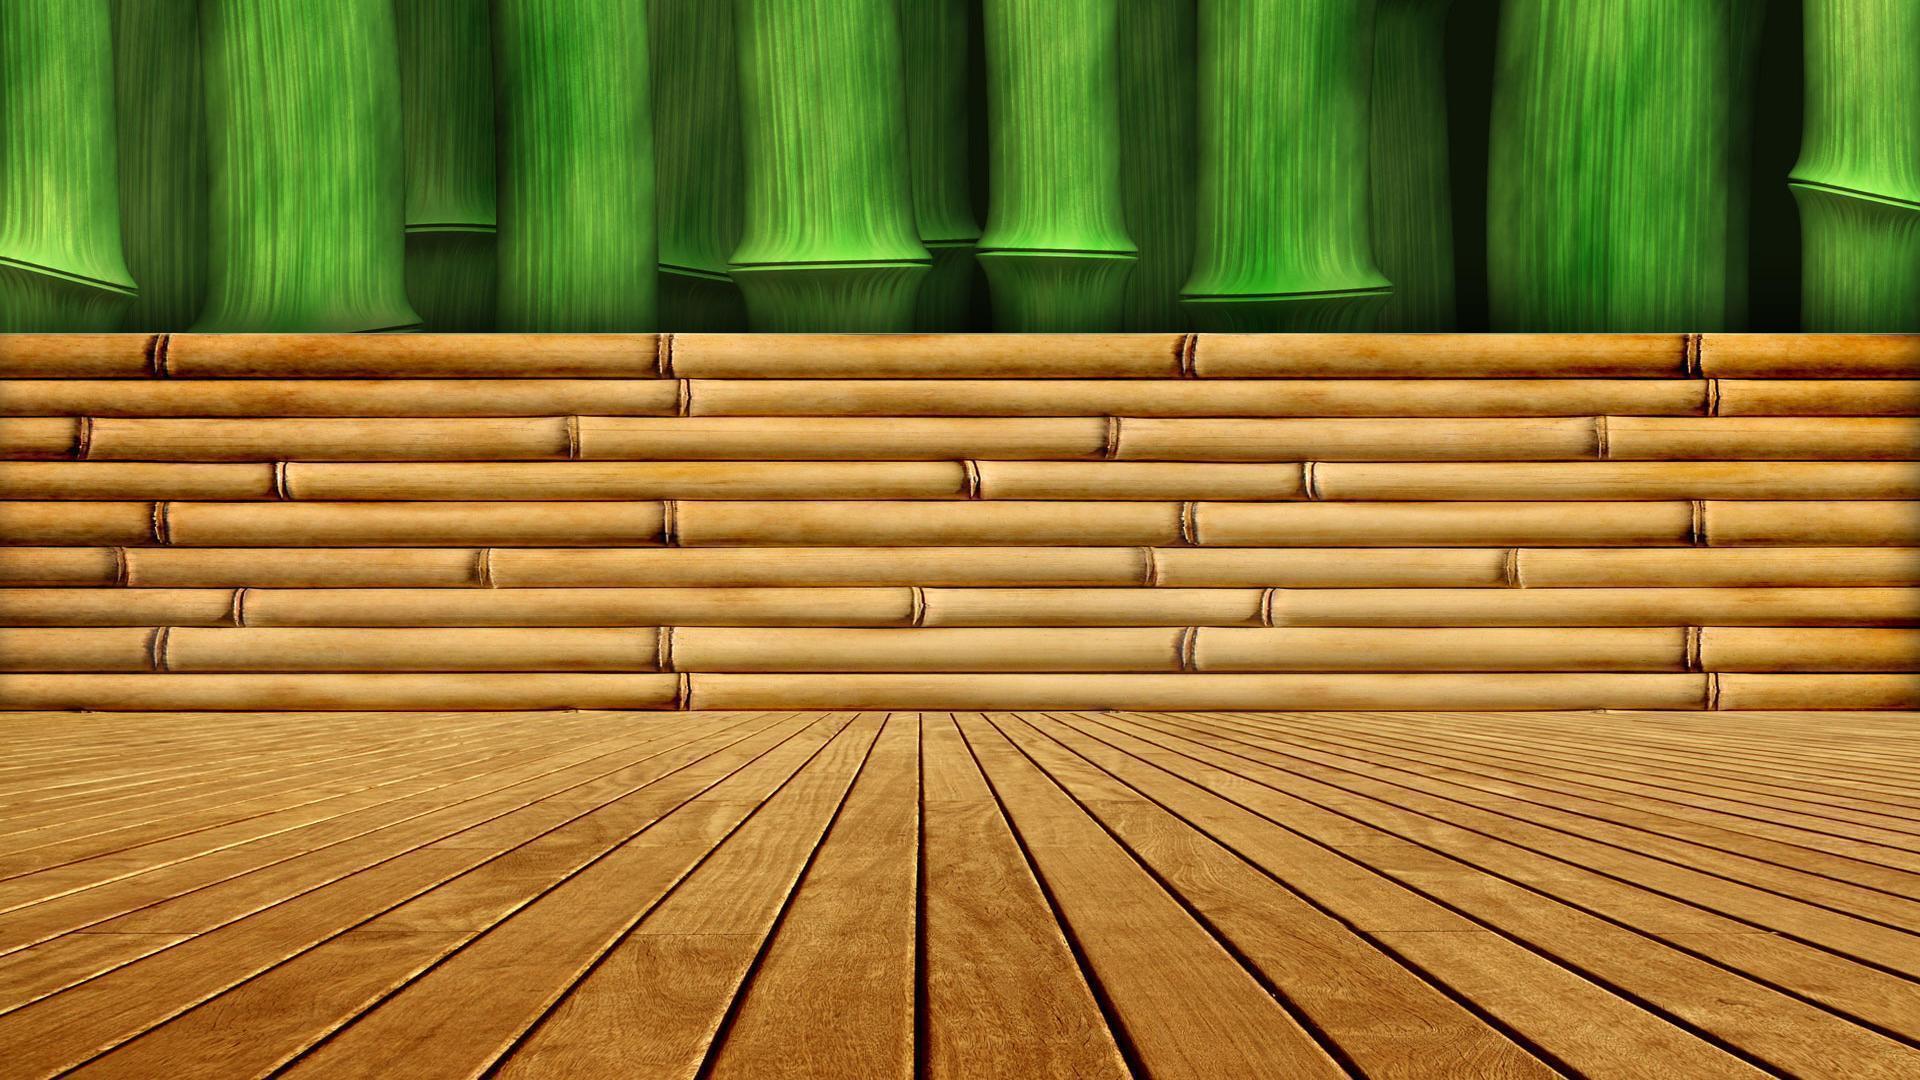 3d Floor Wallpaper Online Bamboo Backgrounds Image Wallpaper Cave